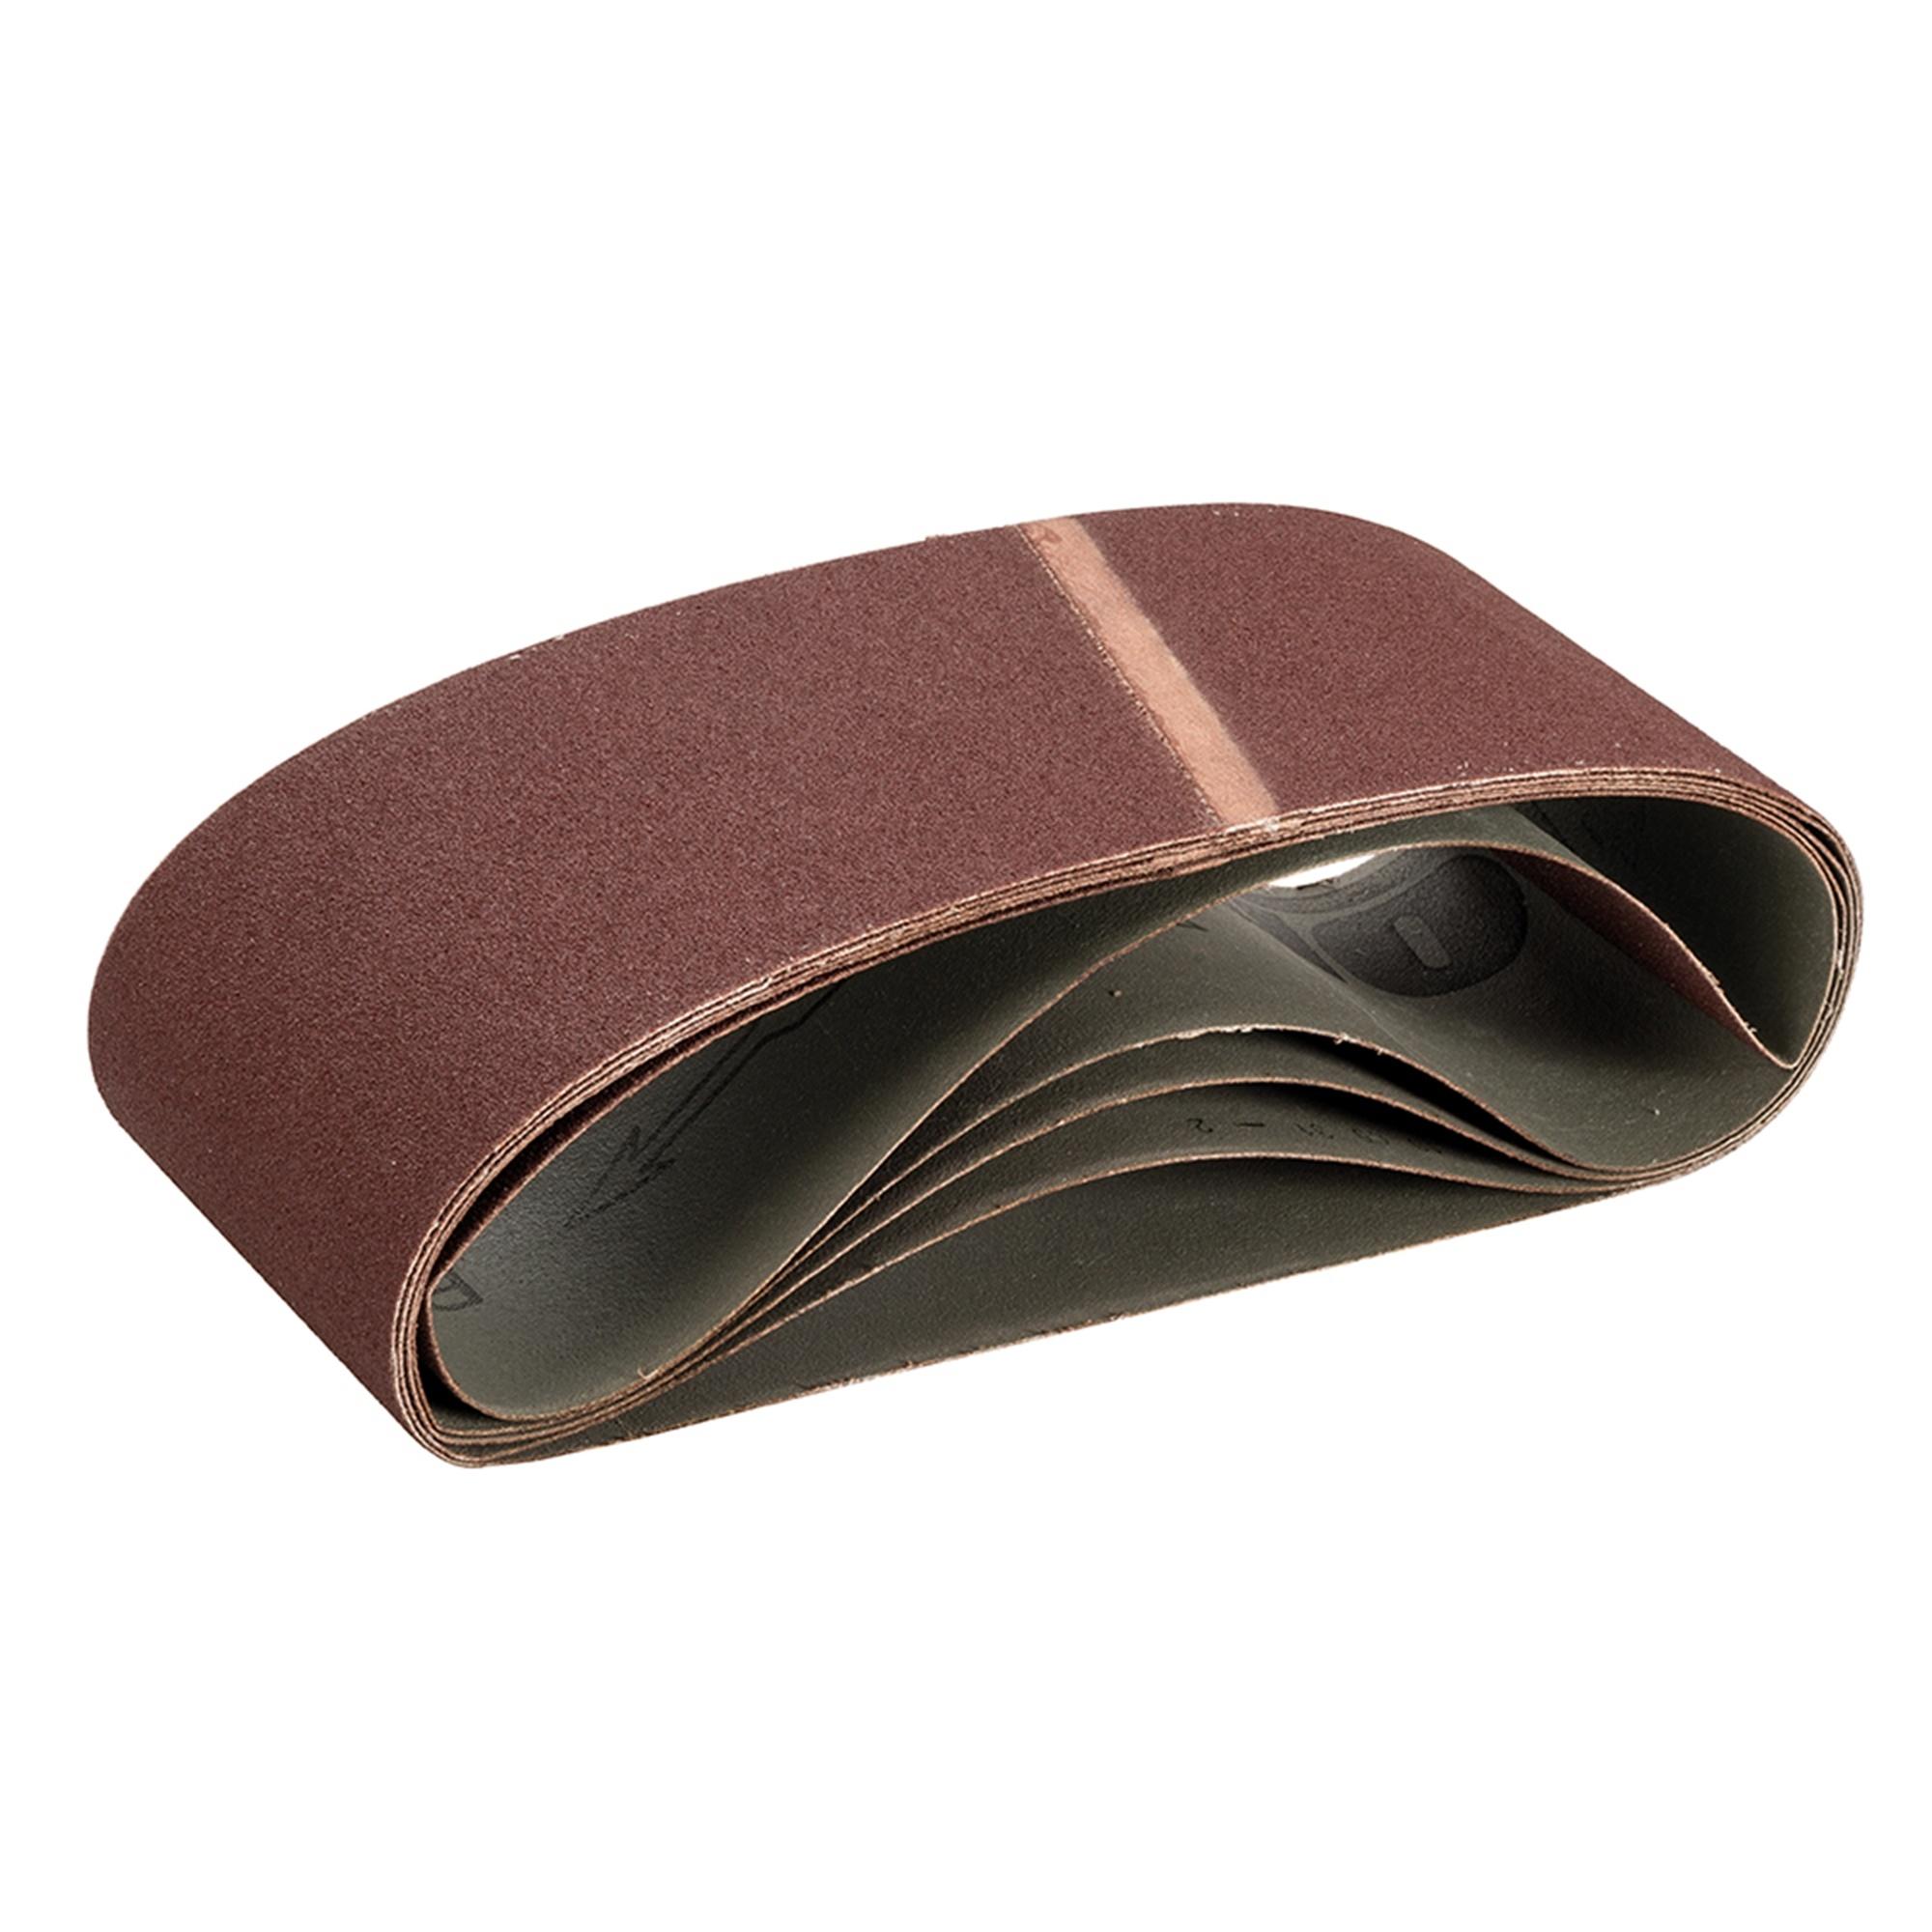 Schuurband 100 x 610 mm, 100 Korrel - 5 Stuks